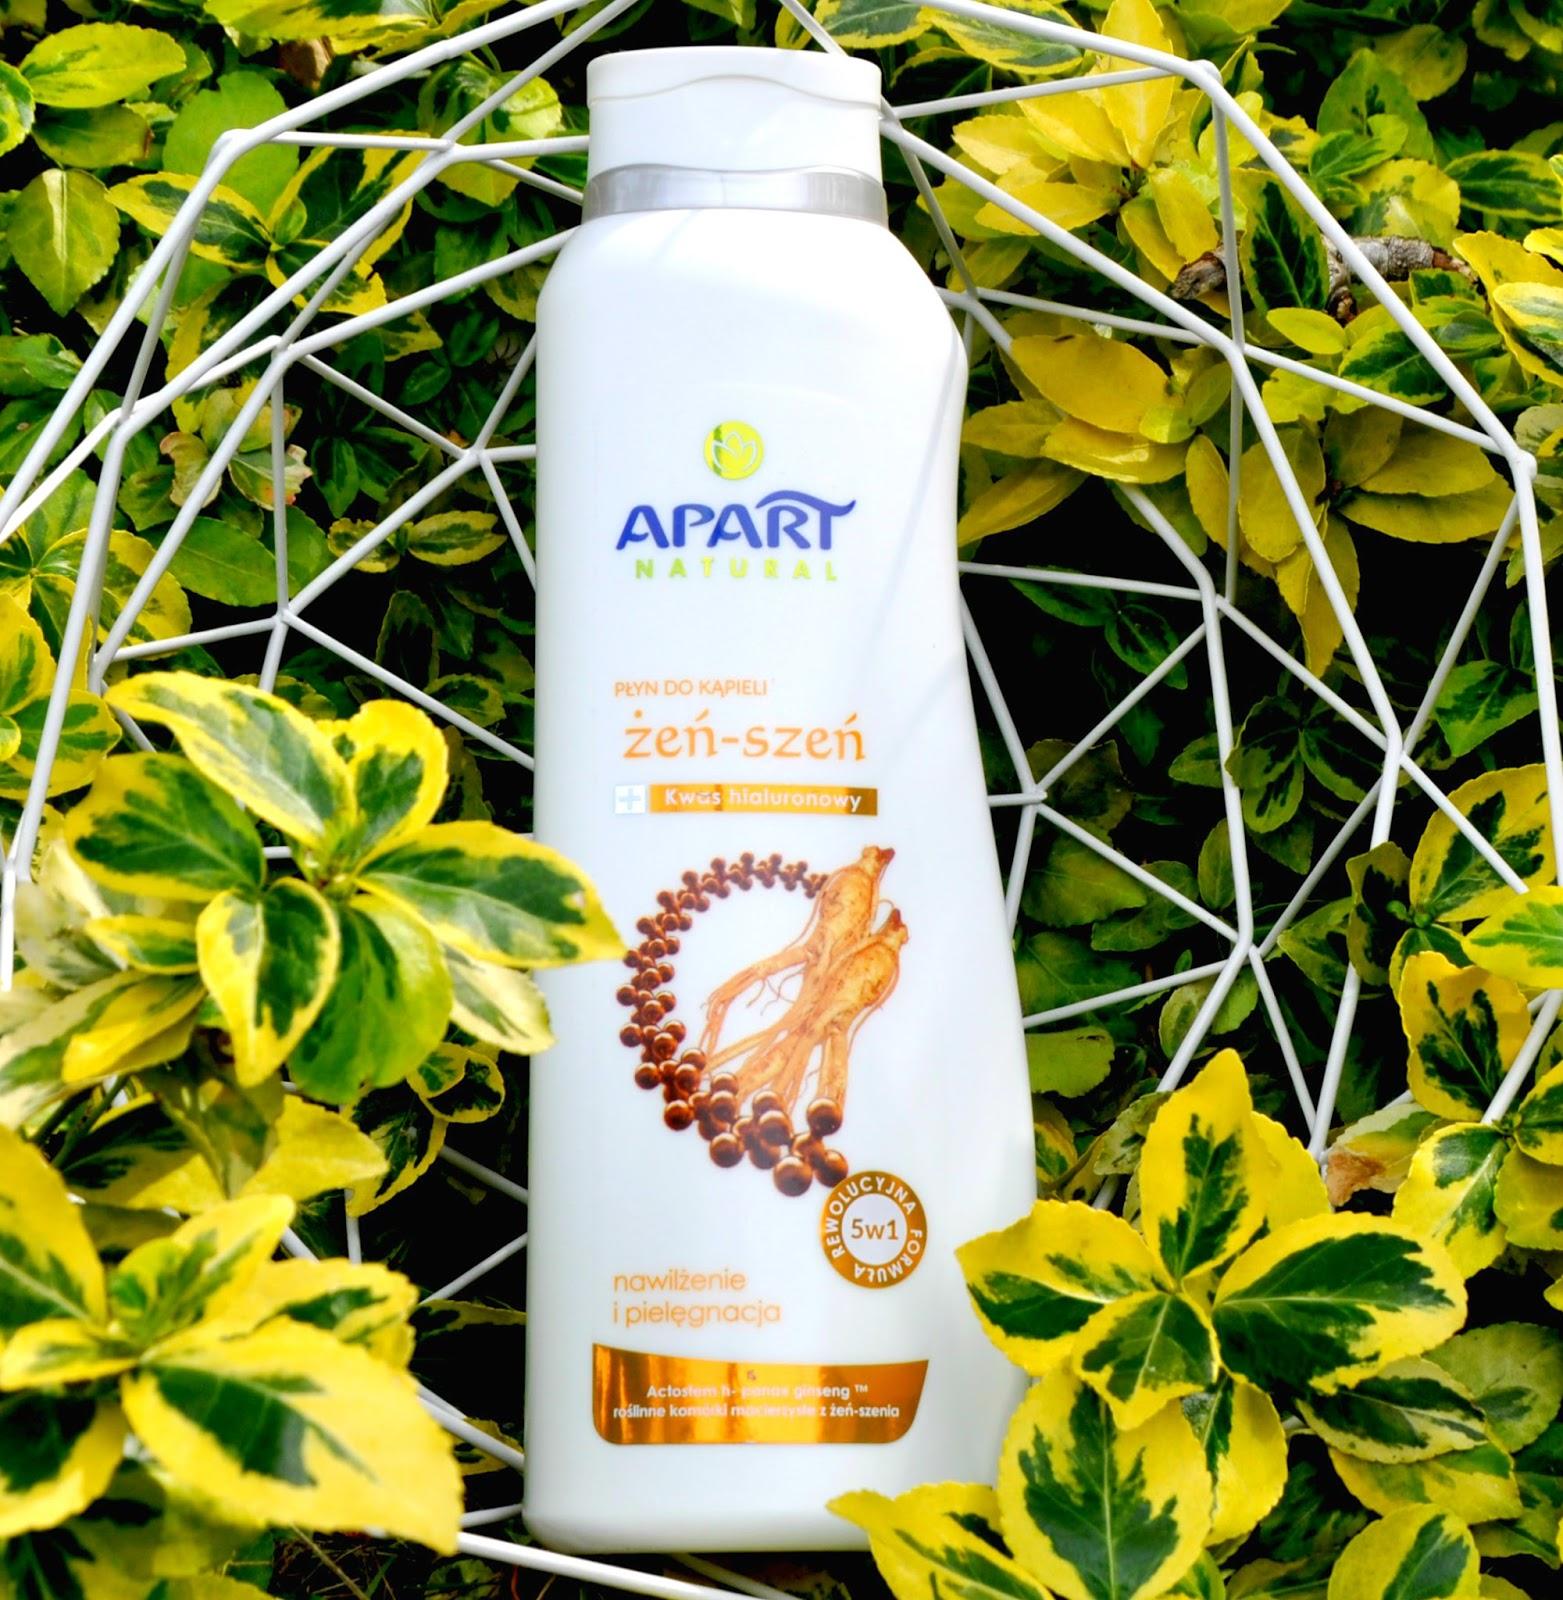 APART Natural, Żeń-Szeń, płyn do kąpieli, kwas hialuronowy i roślinne komórki macierzyste Płyn do kąpieli Apart Natural to innowacyjna receptura łącząca w sobie dwa wyjątkowe składniki: kwas hialuronowy (znany jako Elixir Młodości) i roślinne komórki macierzyste z Żeń-Szenia , posiadające wyjątkowe właściwości pielęgnacyjne. Dzięki ich połączonemu działaniu powstała rewolucyjna formuła 5w1: nawilżanie, skuteczna pielęgnacja, wygładzanie, relaks dla zmysłów, długo utrzymująca się i gęsta piana. Po kąpieli skóra będzie miękka i miła w dotyku, a piękny zapach pozostanie na niej na długi czas.